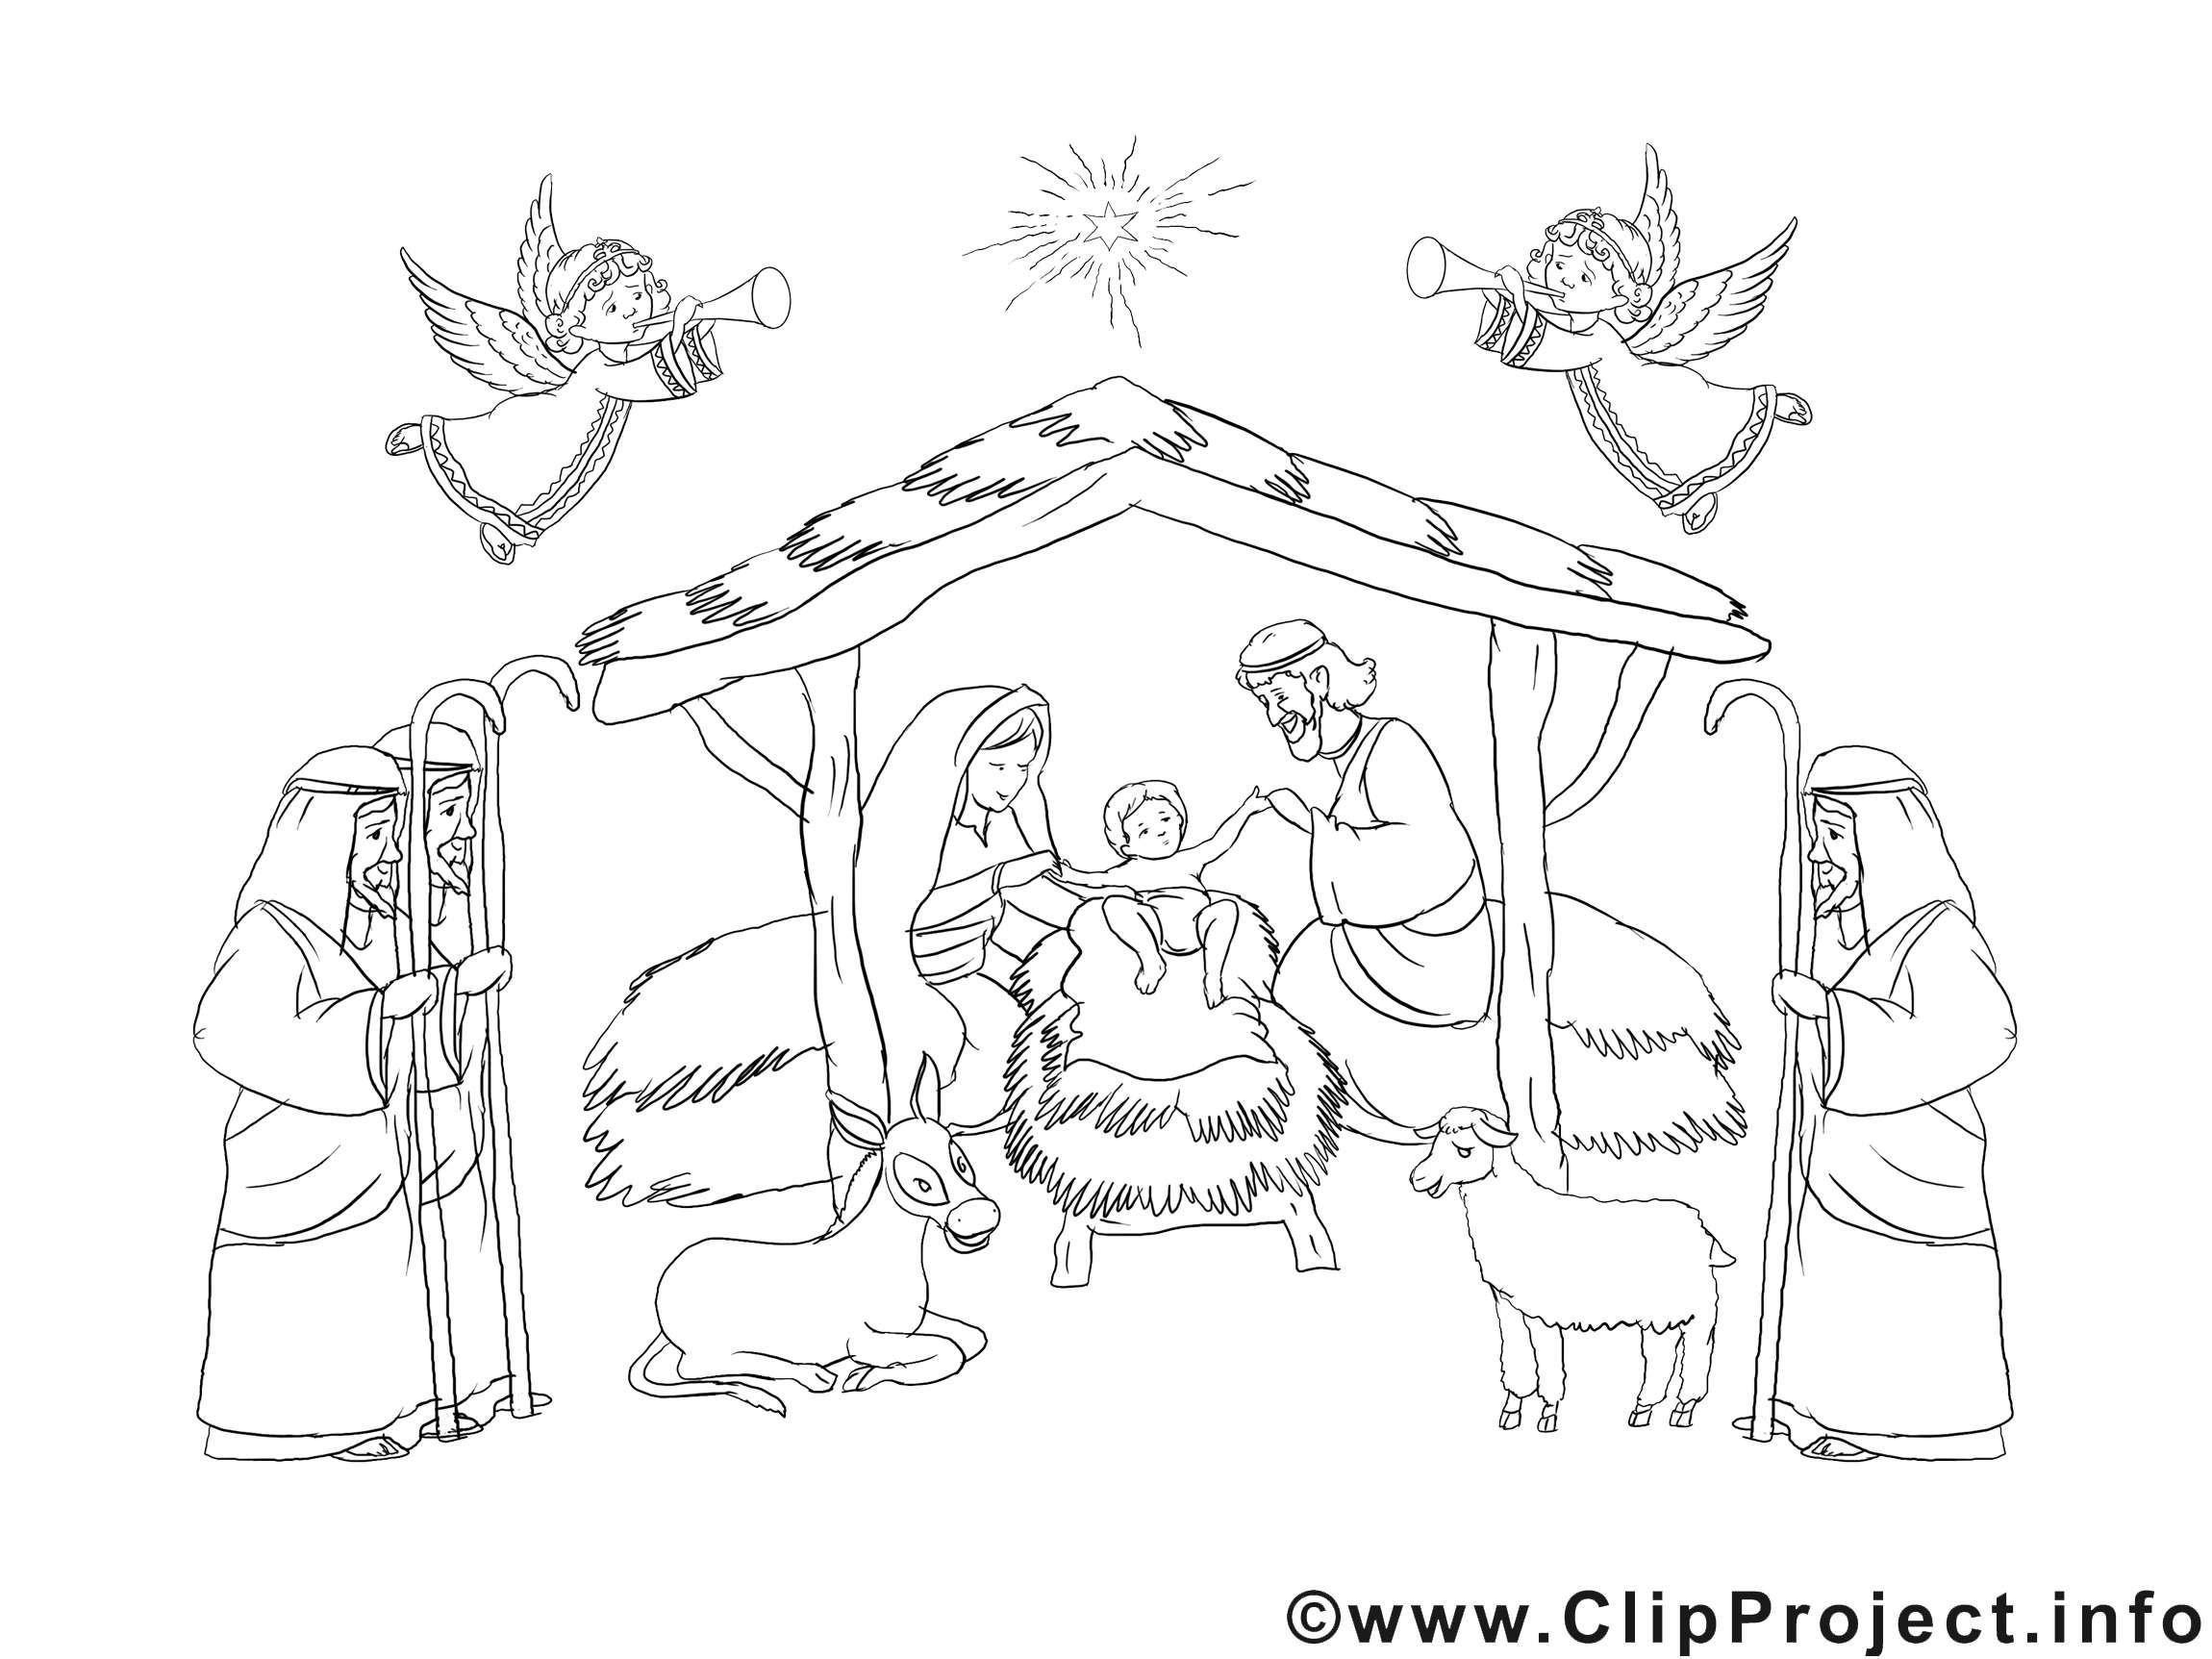 Ausmalbilder Weihnachten Krippe Frisch 30 Kollektion Weihnachten Krippe Bilder Galerie